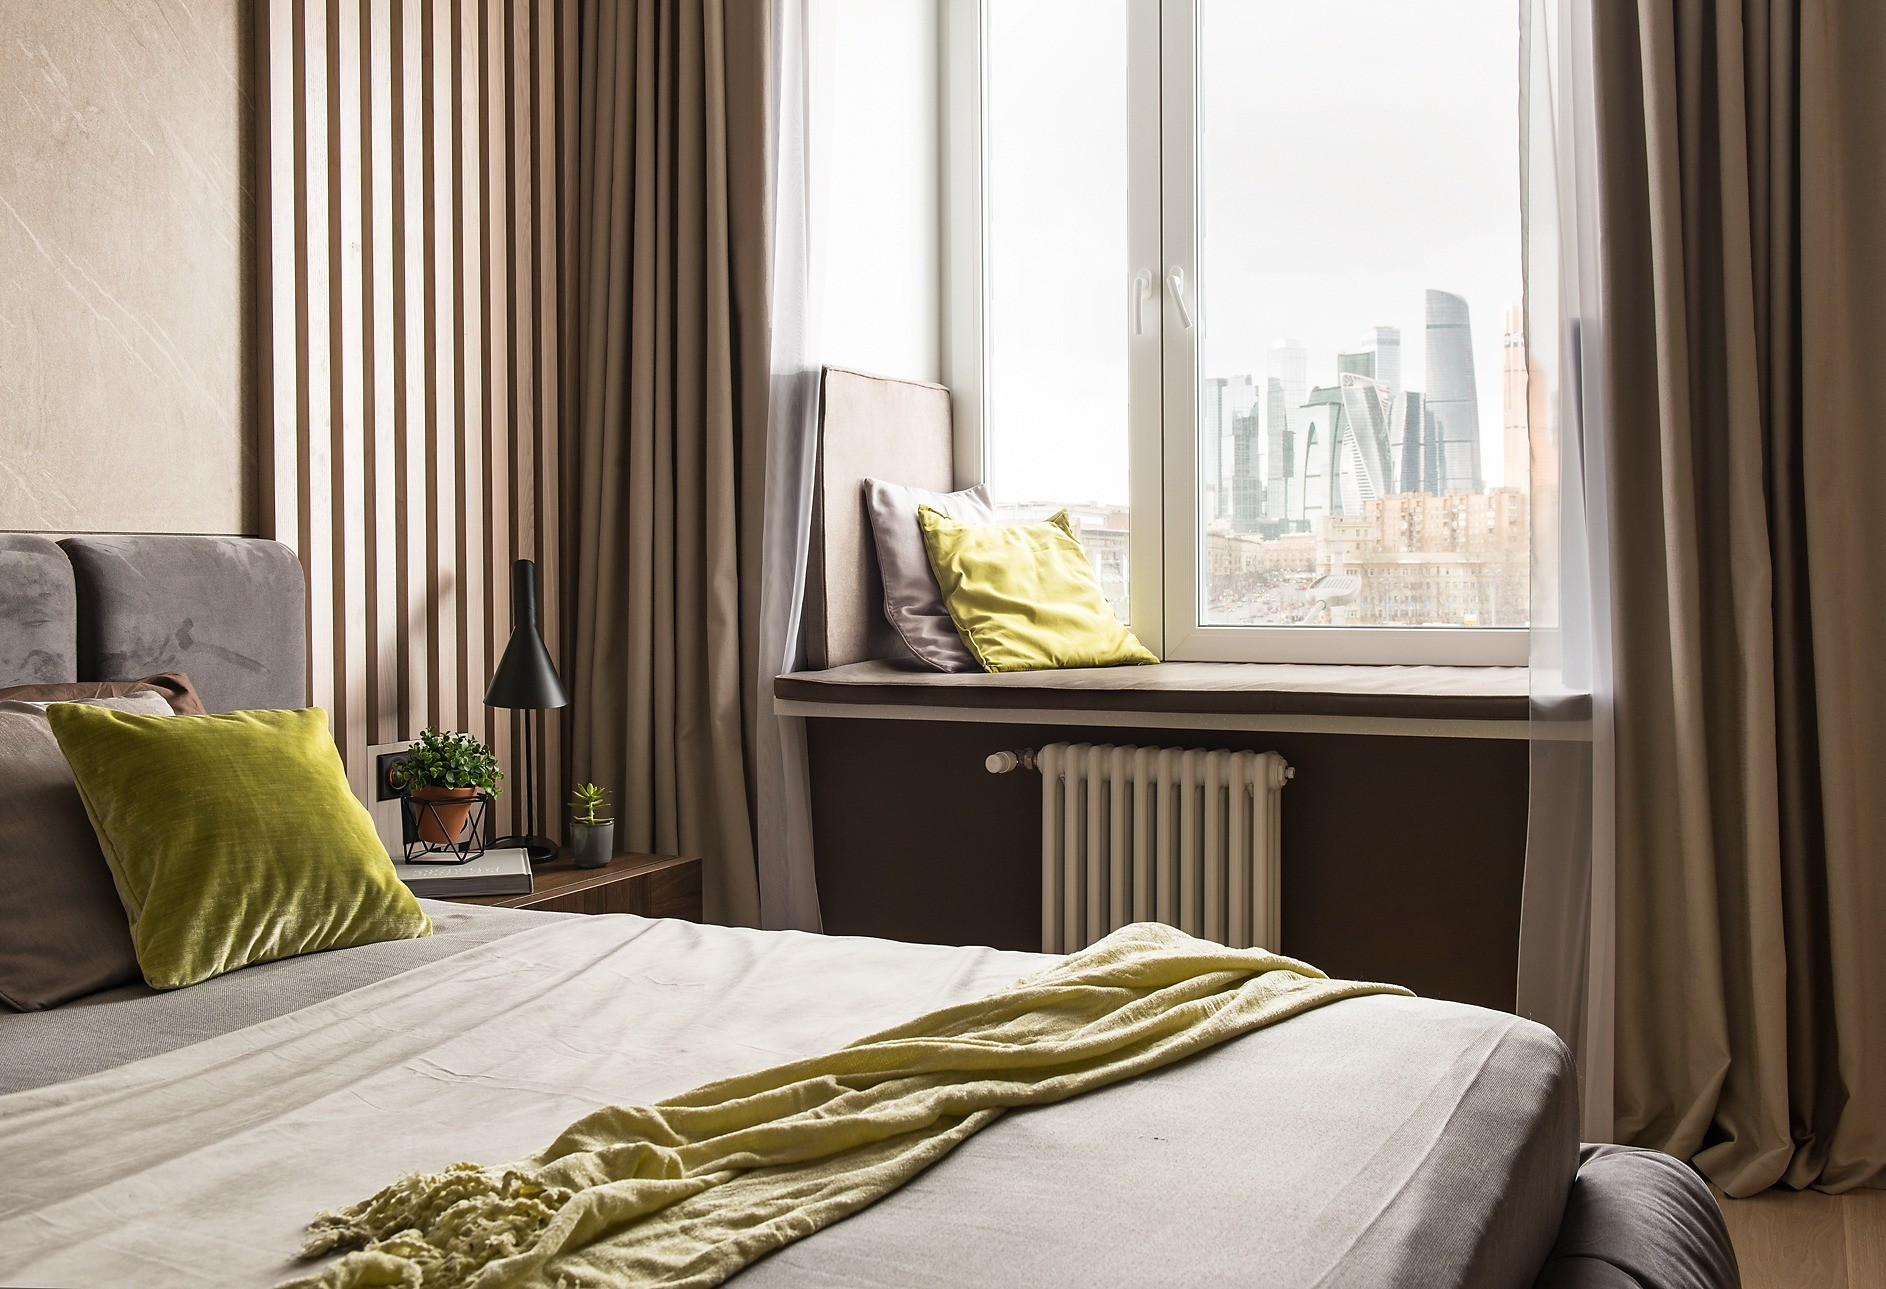 В спальне два типа штор, хотя обычно они раздвинуты. Широкий подоконник изискусственного камня  с успехом заменил кушетку, для удобного  отдыха его снабдили подушками